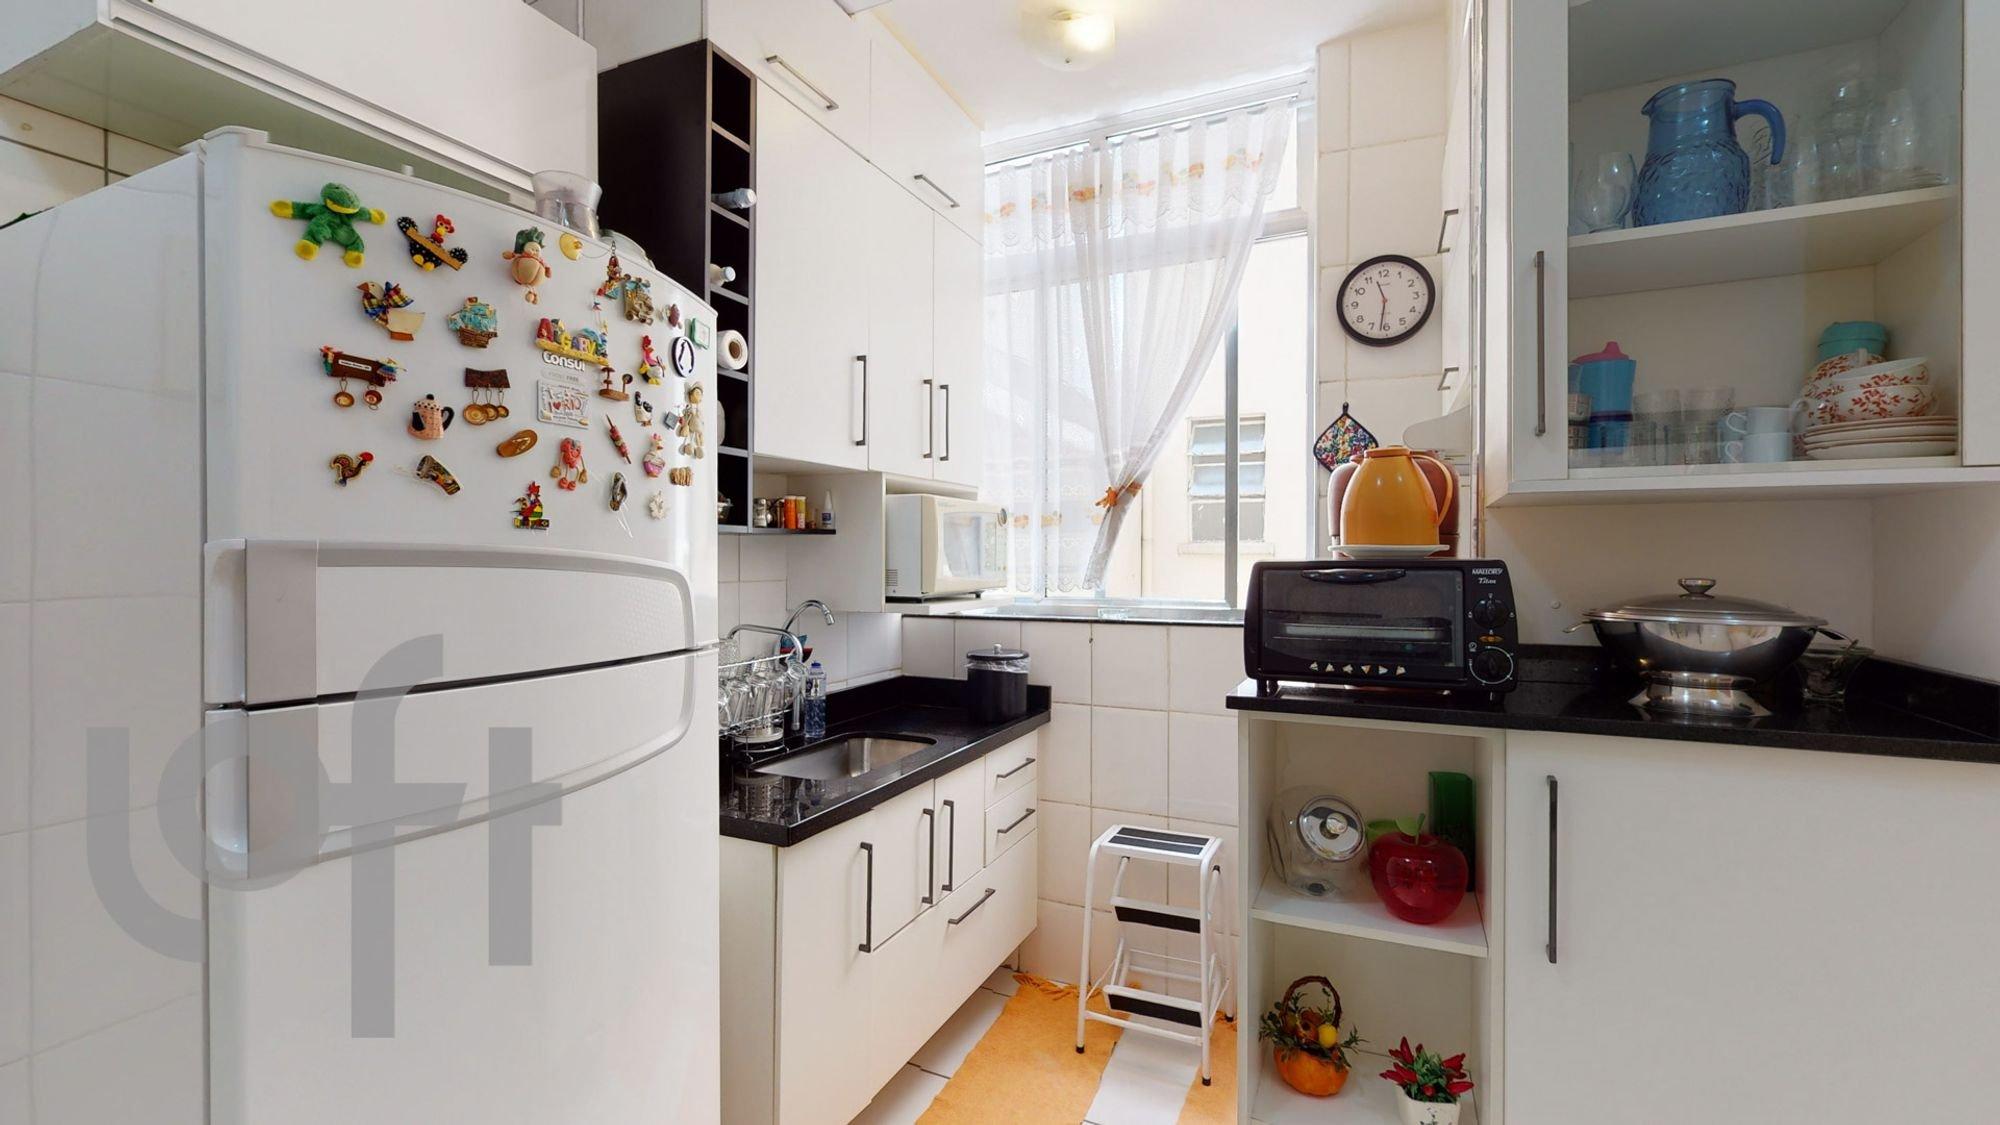 Foto de Cozinha com vaso, relógio, garrafa, geladeira, pia, xícara